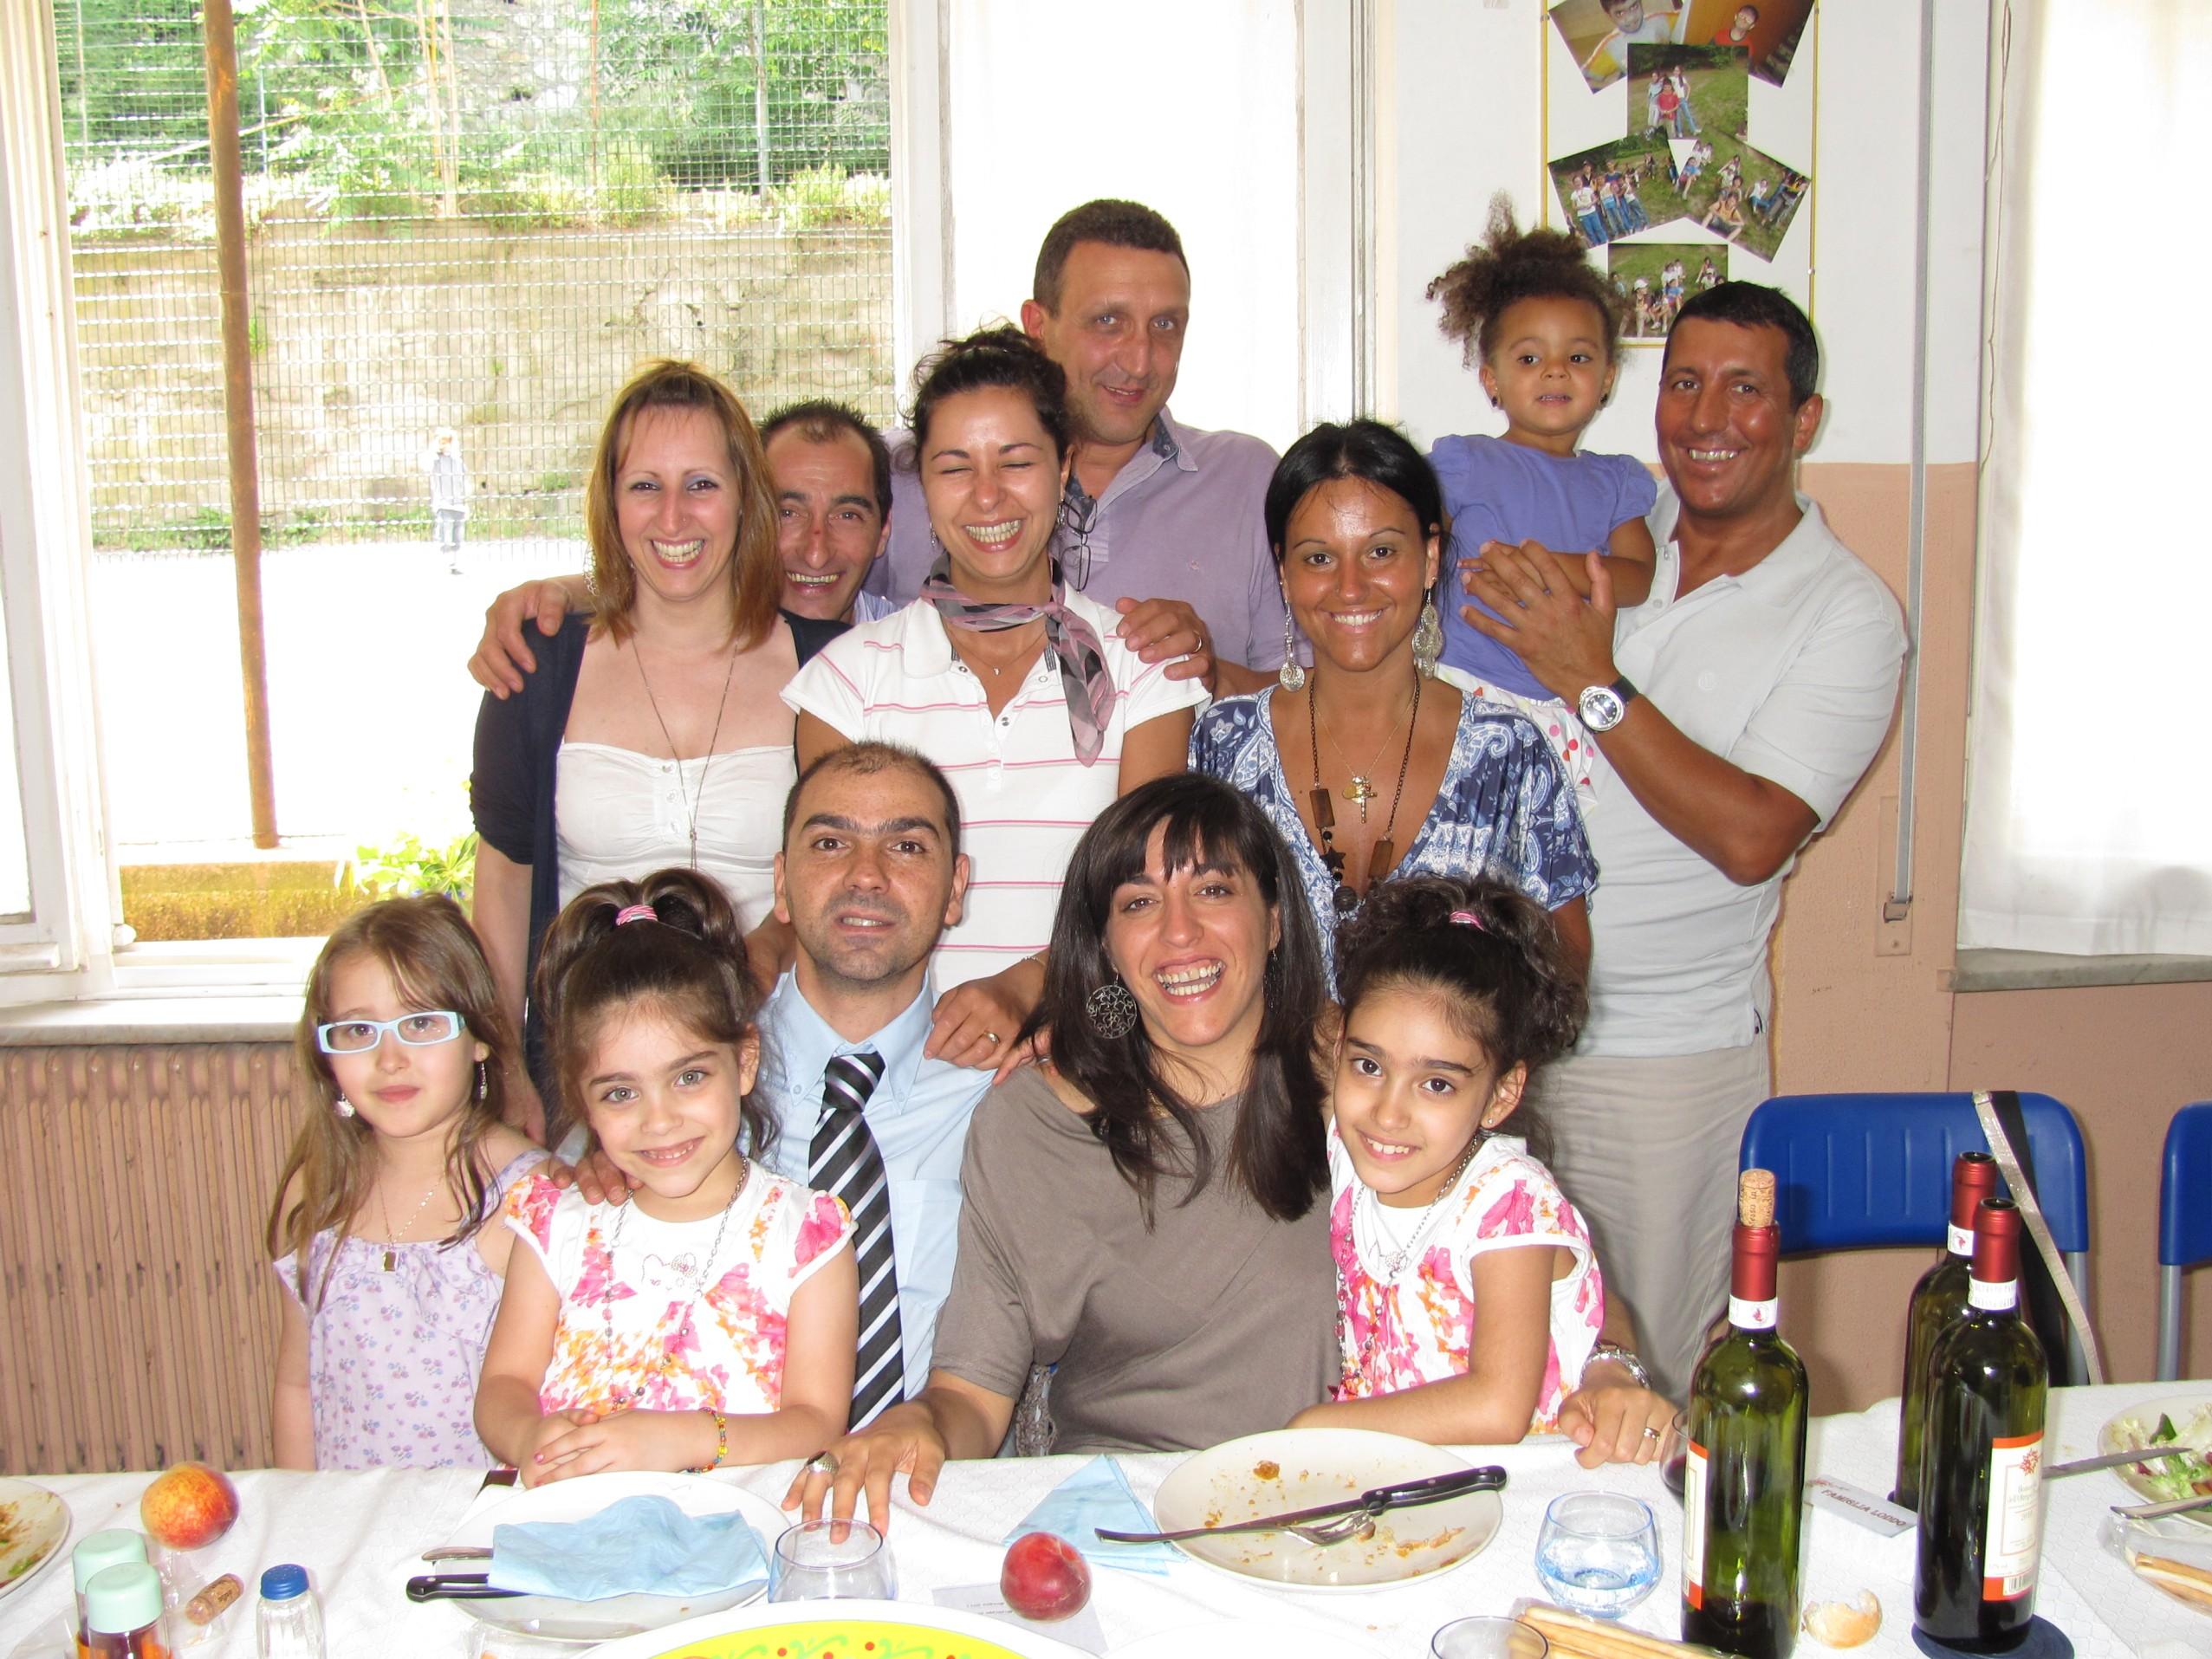 anniversari_matrimonio-2011-06-05-14-17-46